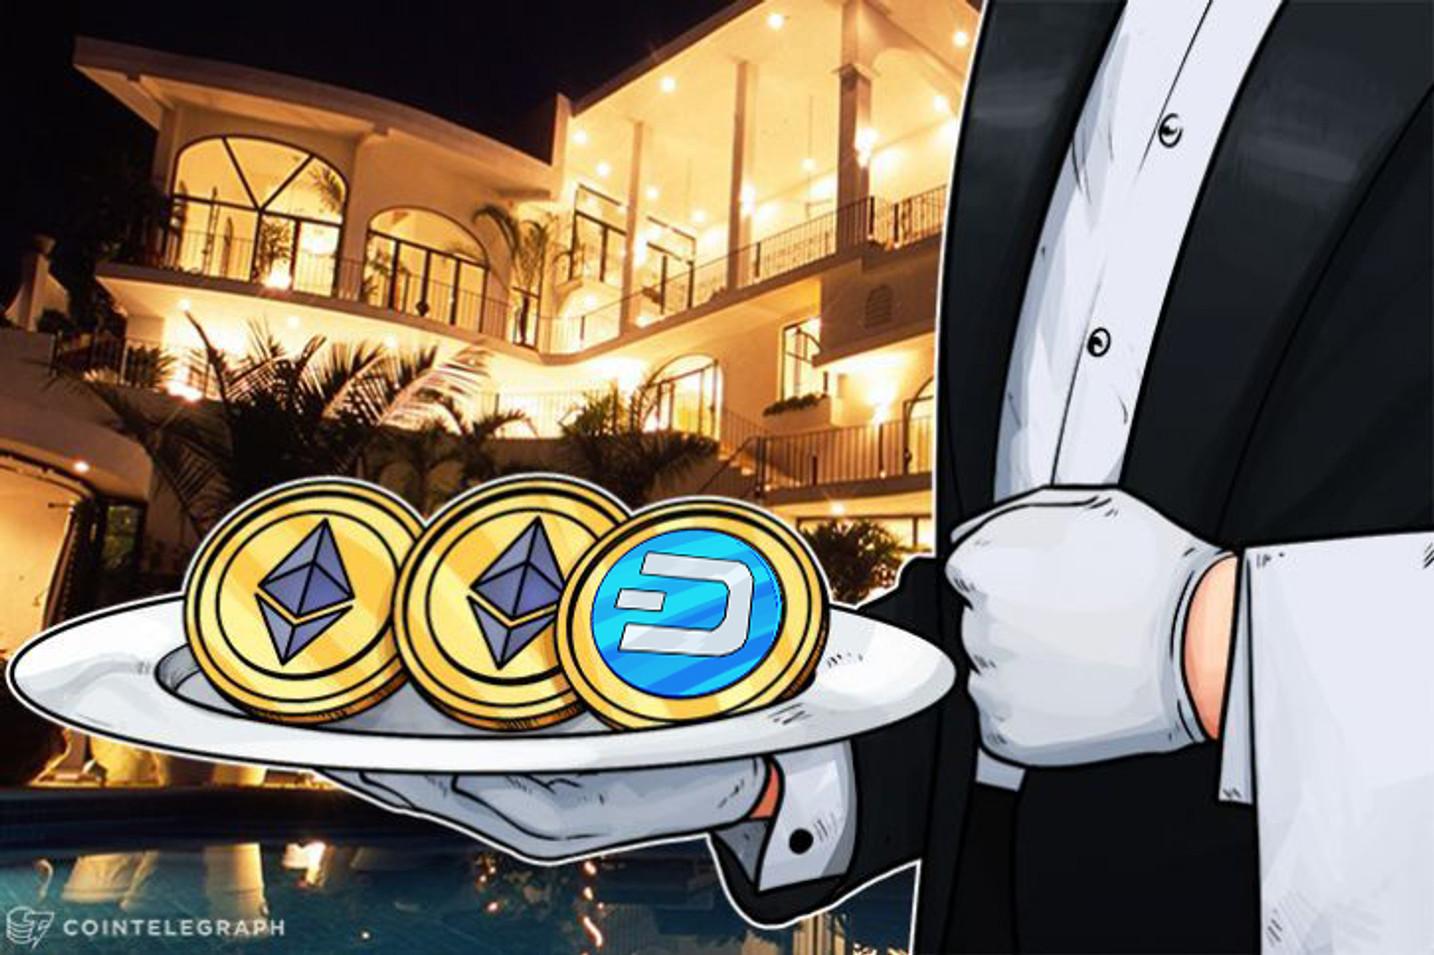 No solo Bitcoin: Ethereum alcanza los $ 750, Dash se aproxima a los mágicos $ 1,000